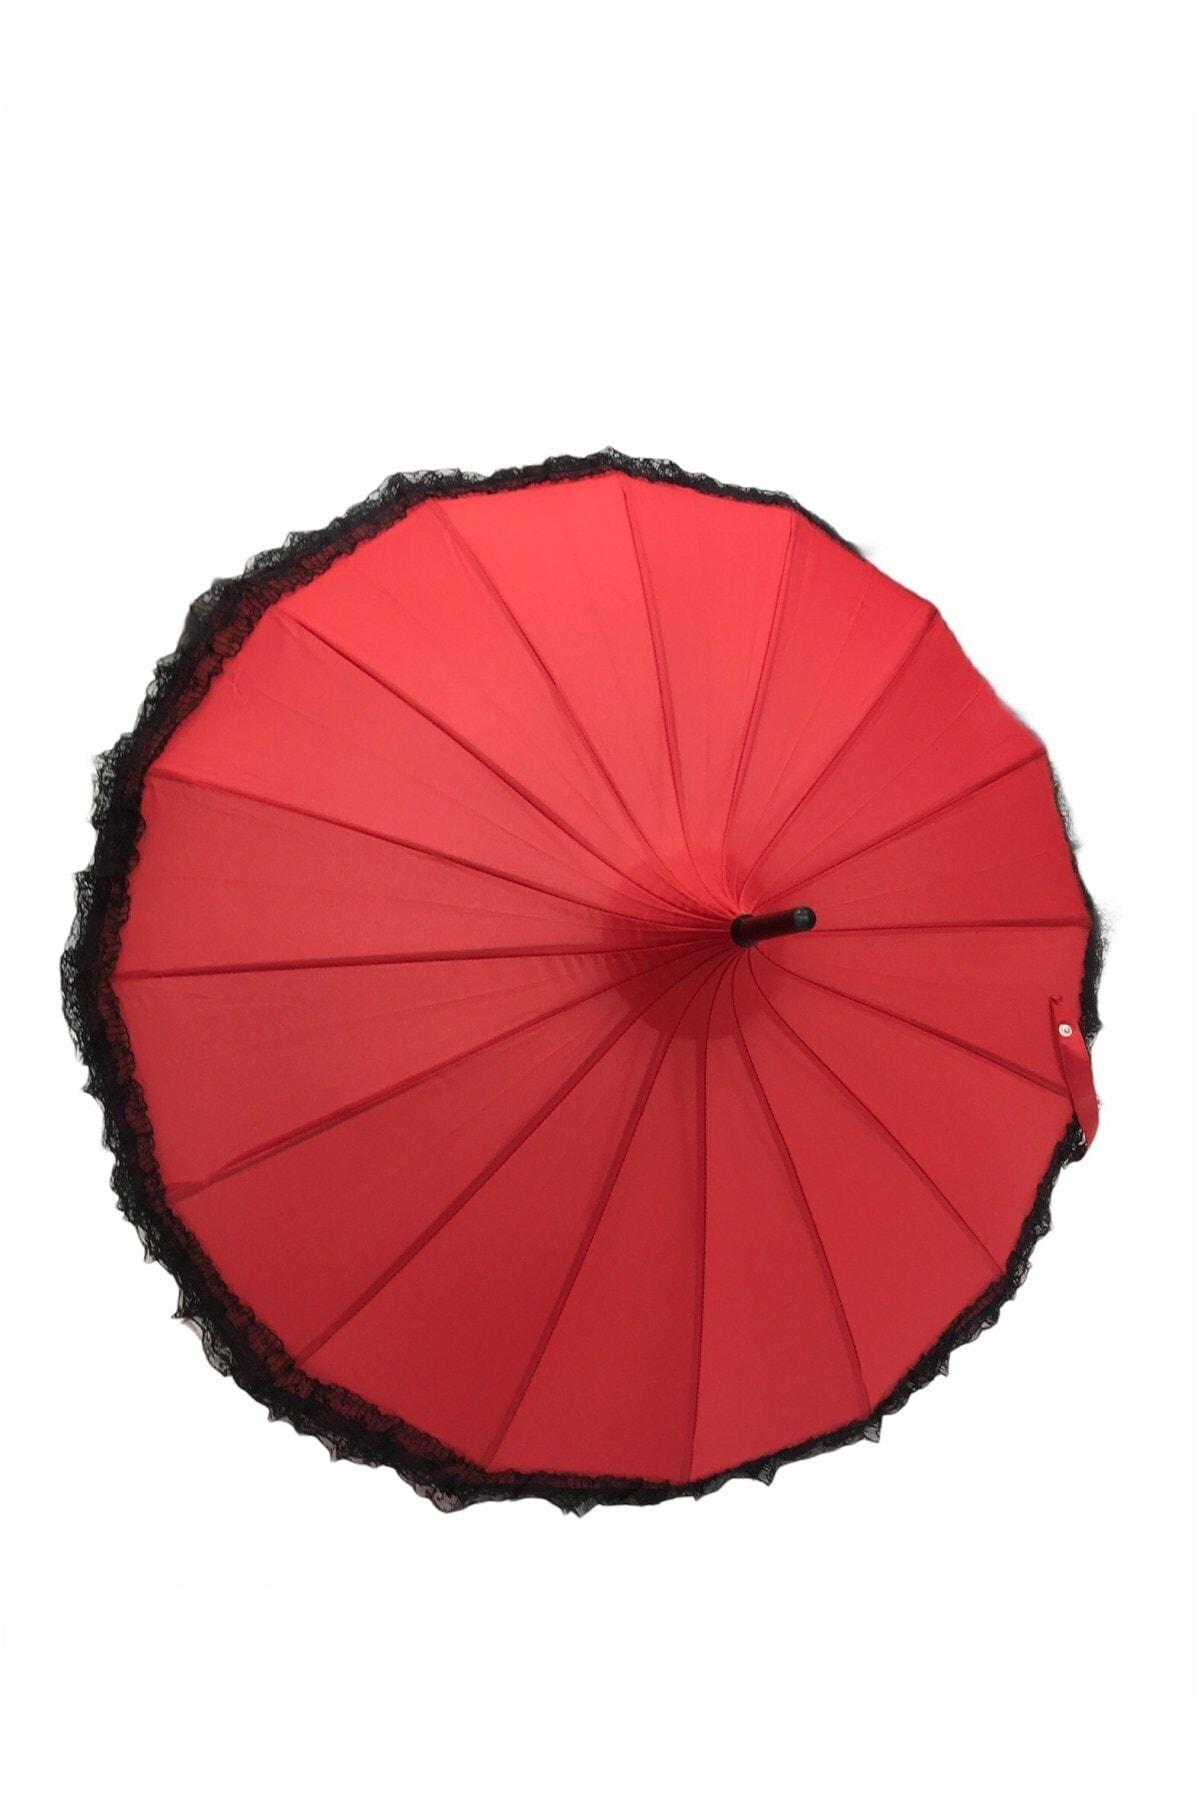 Almera Manuel 16 Telli Şemsiye 1